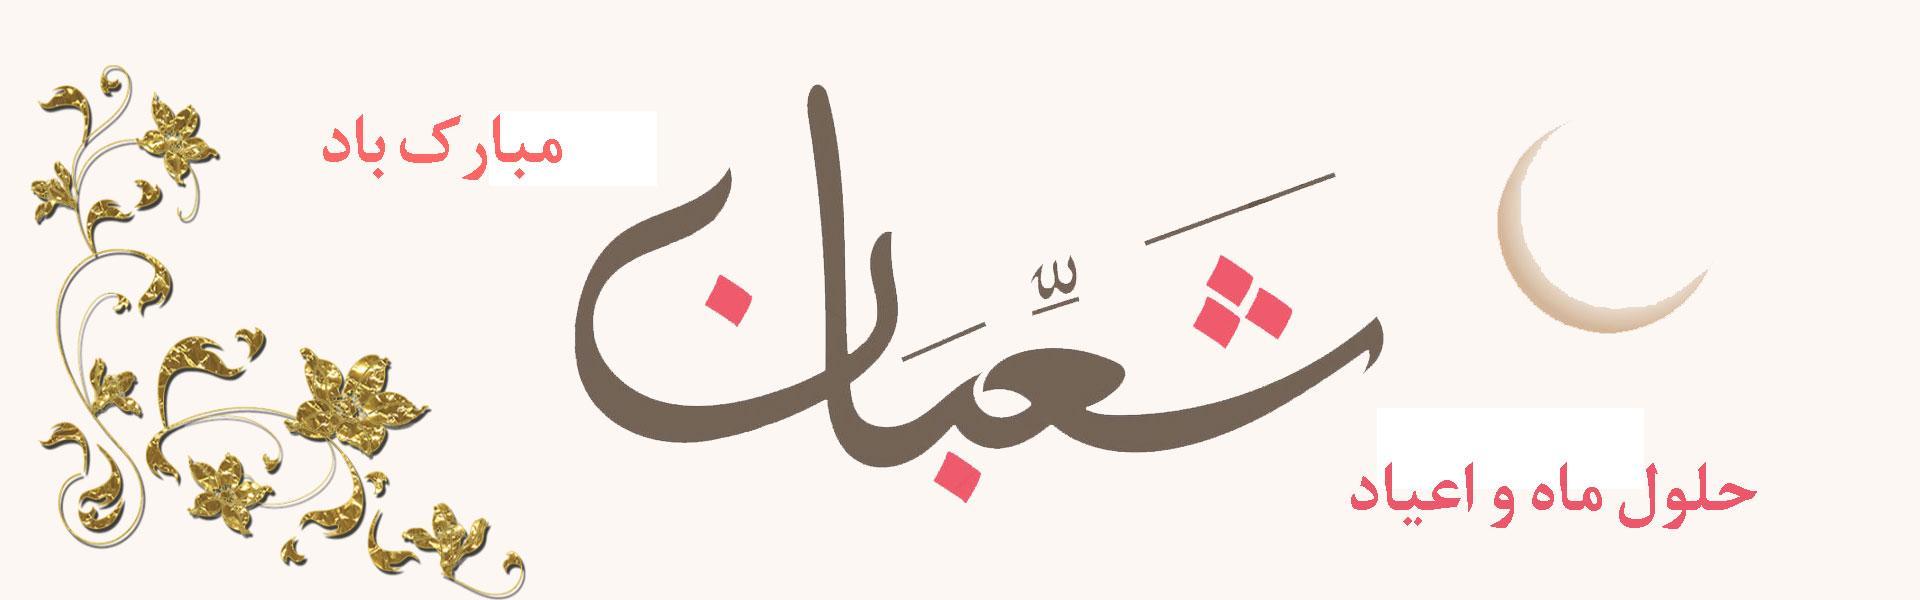 تبریک آغاز ماه شعبان و اعیاد شعبانیه